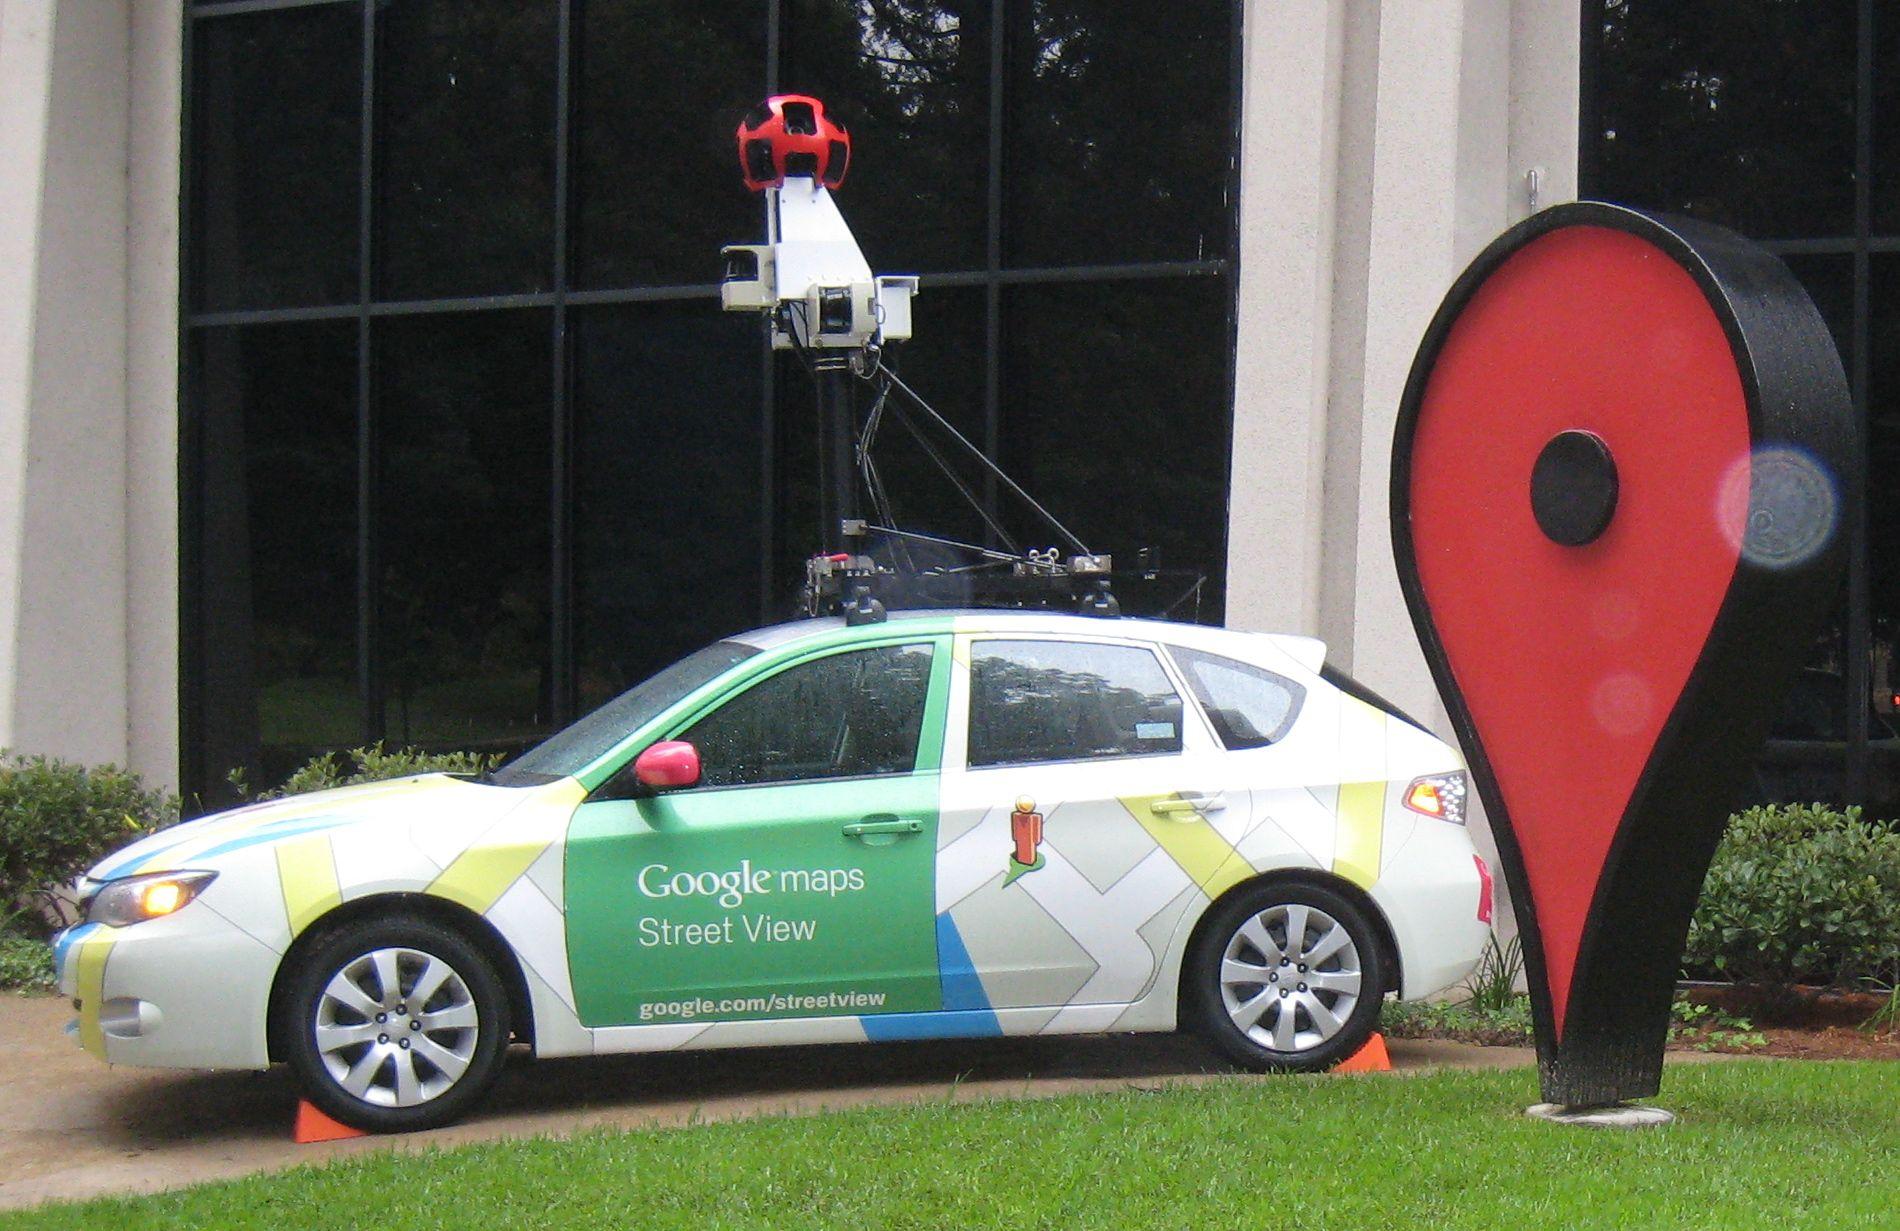 Street View: Google multata di 1 milione di euro per aver violato la privacy degli utenti italiani - http://www.tecnoandroid.it/street-view-google-multata-di-1-milione-di-euro-per-aver-violato-la-privacy-degli-utenti-italiani/